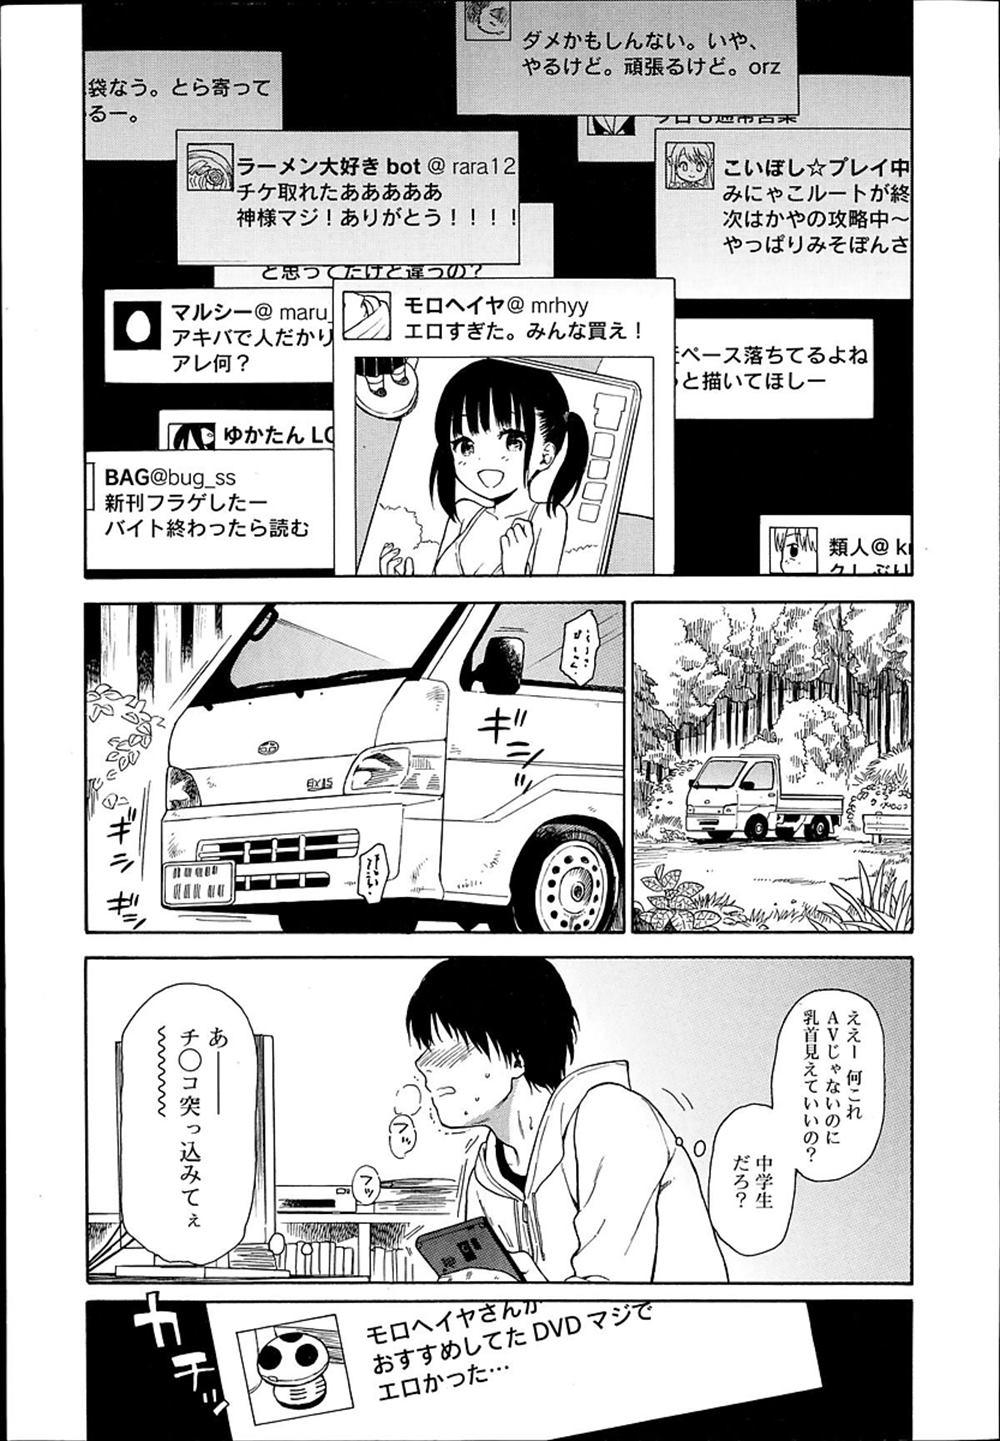 【エロ漫画】車で山の中に連れて行かれて手マンされるJC…カーセックスしたりラブホでハメ撮り中出しイチャラブセックス【関谷あさみ:山】